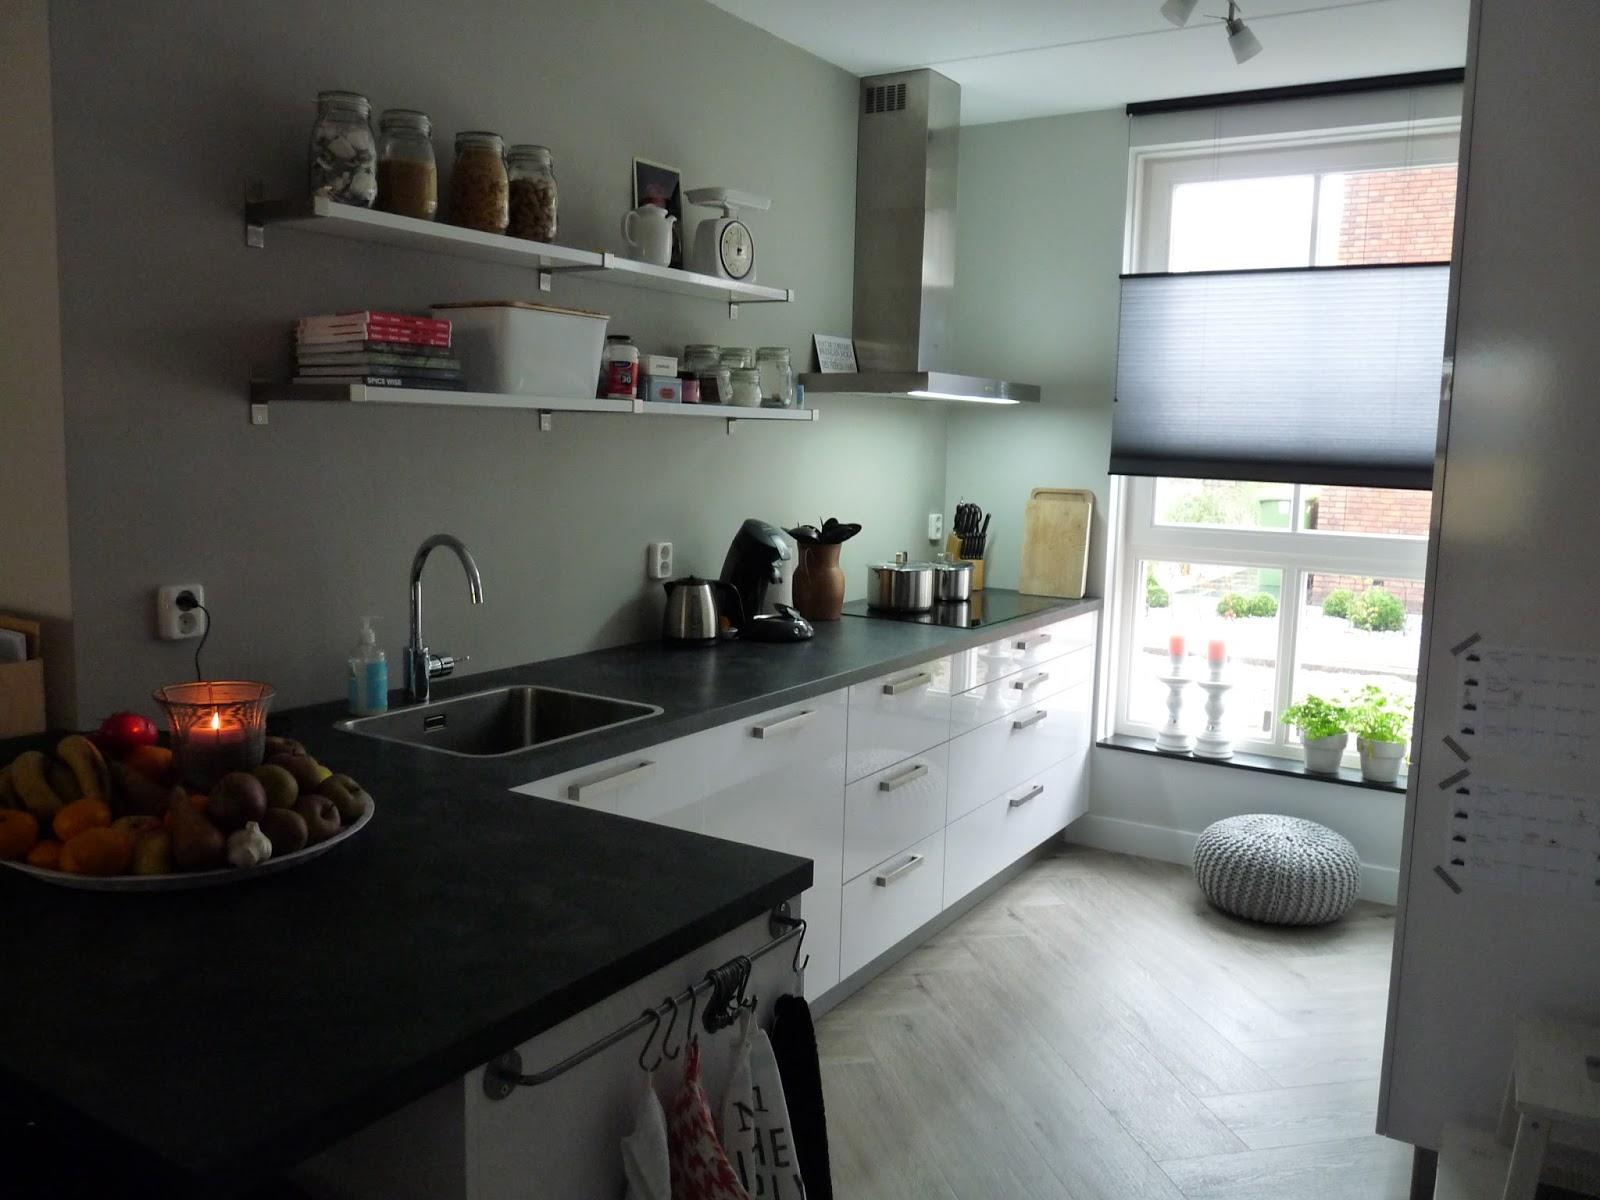 Kom binnen in ons nieuwe huis de keuken - Keuken in het oude huis ...